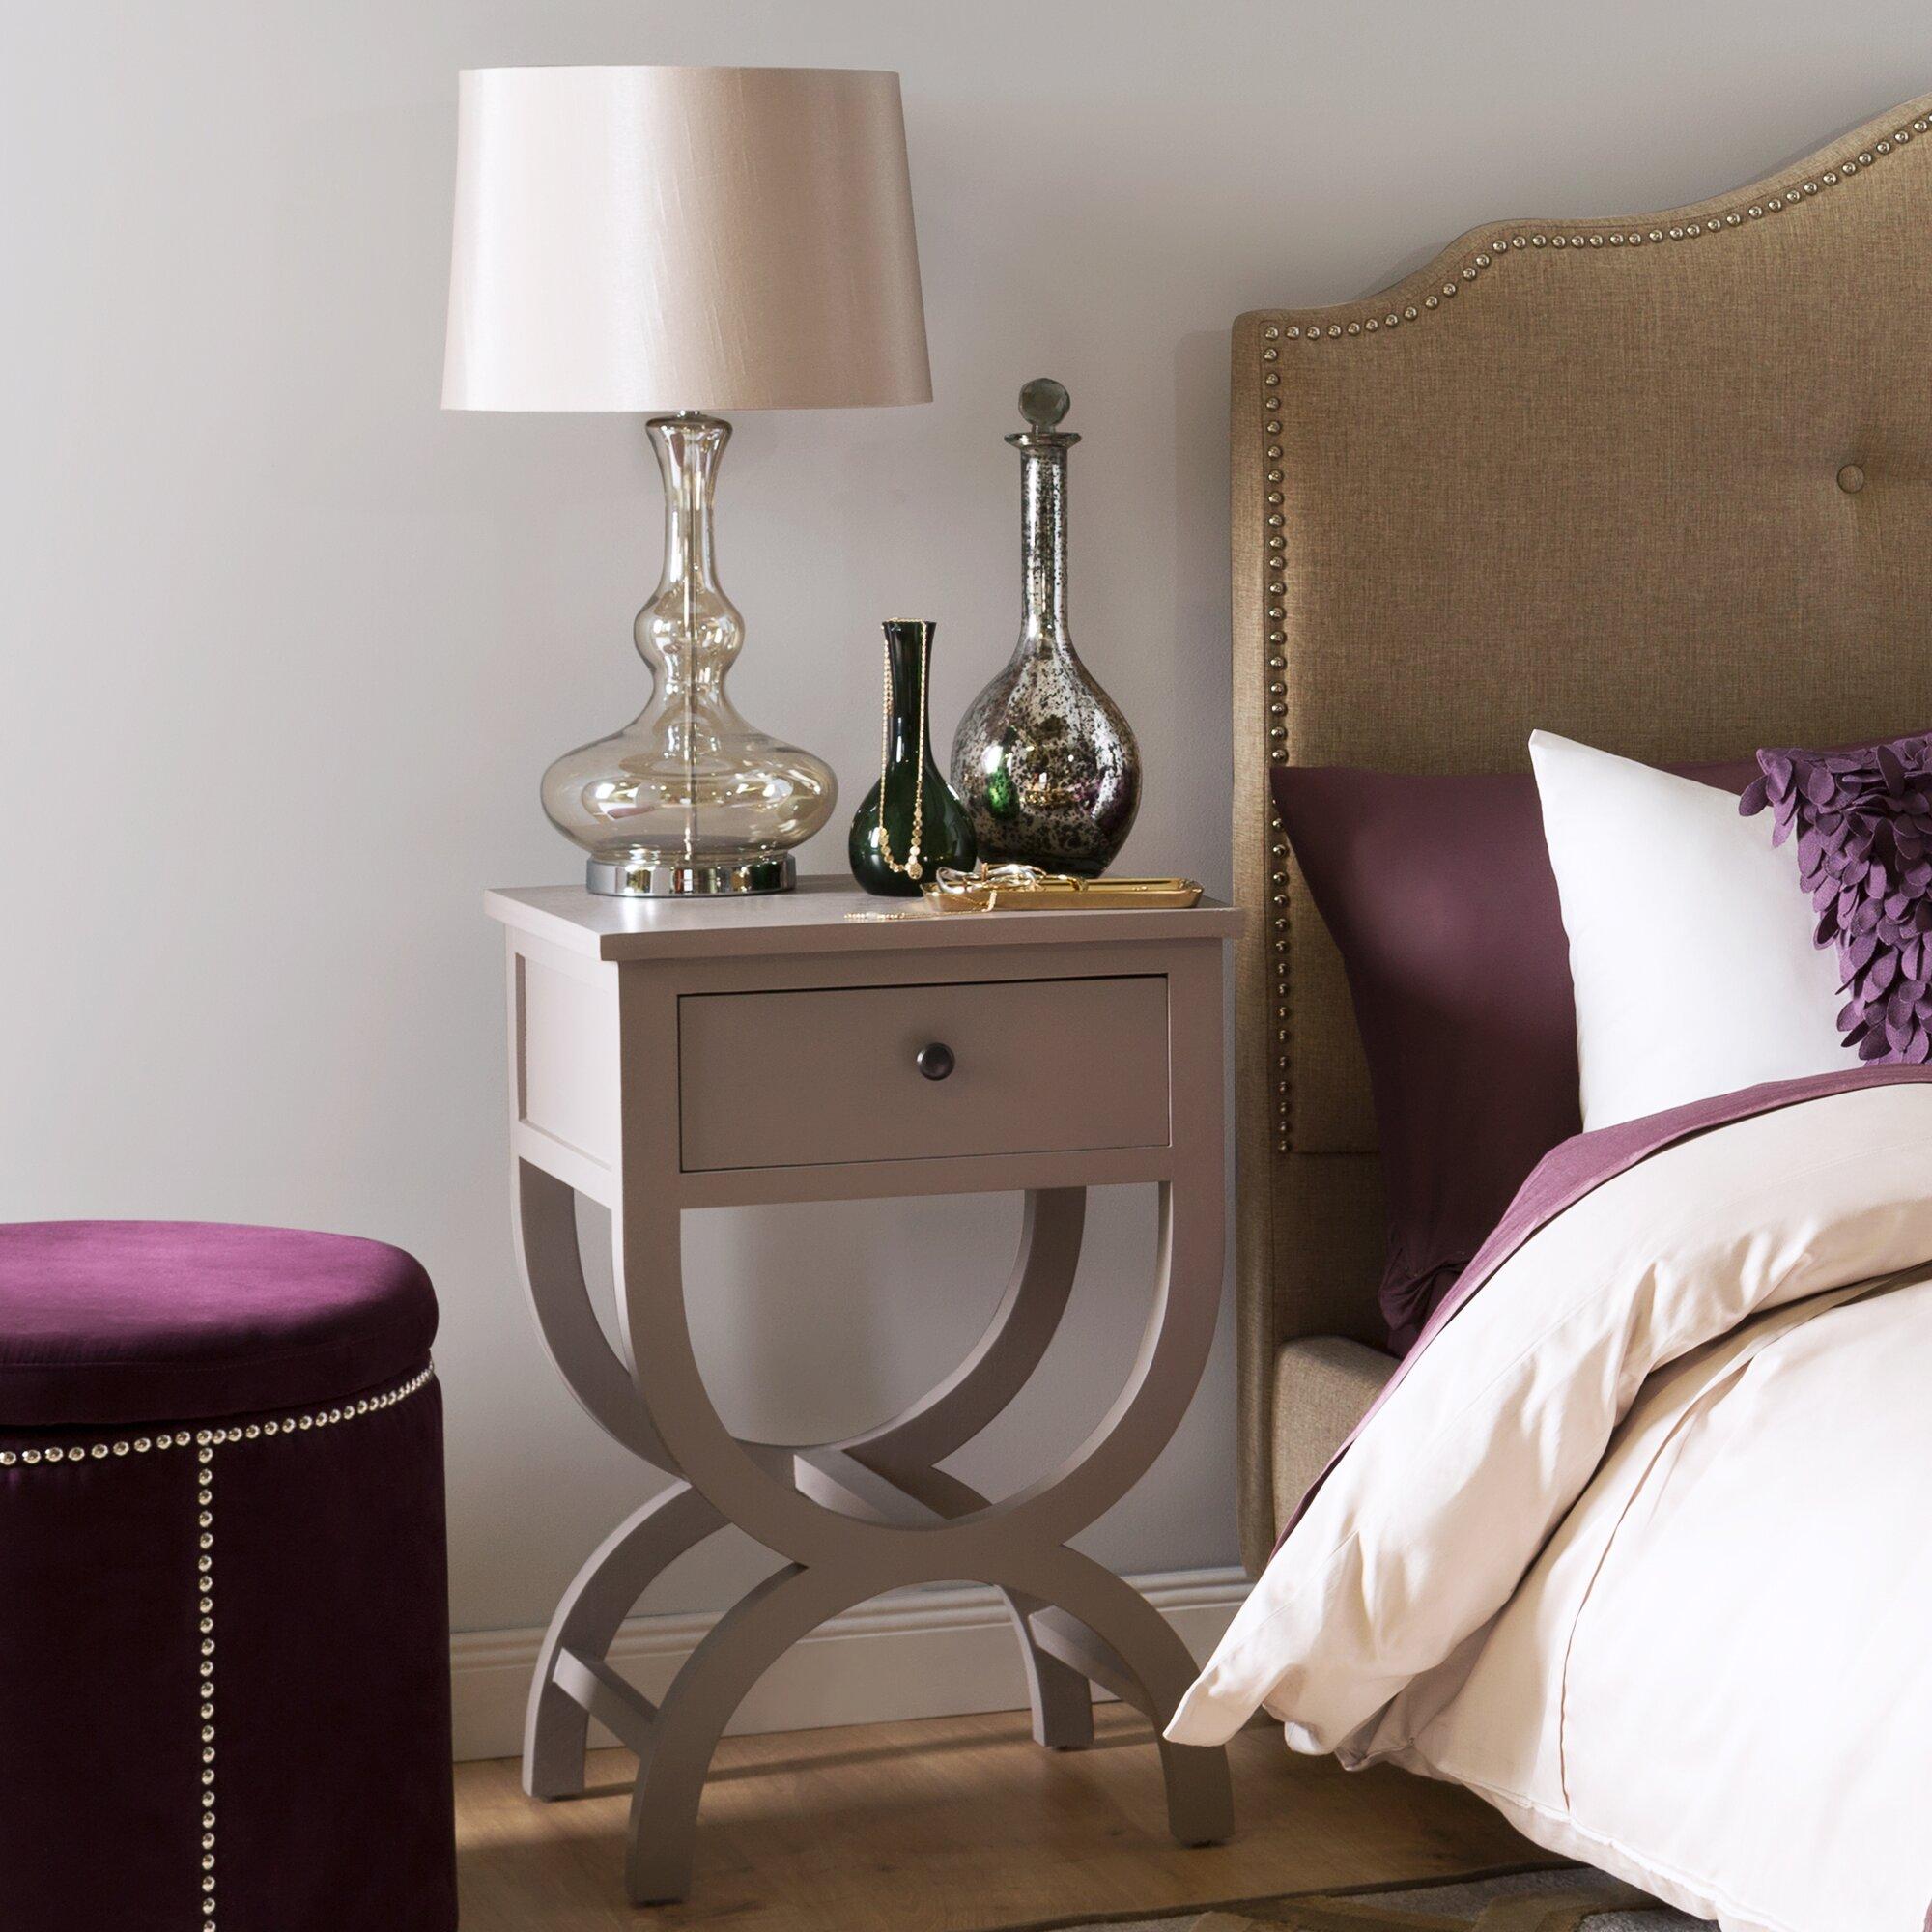 fairmont park hocker jagger mit stauraum bewertungen. Black Bedroom Furniture Sets. Home Design Ideas